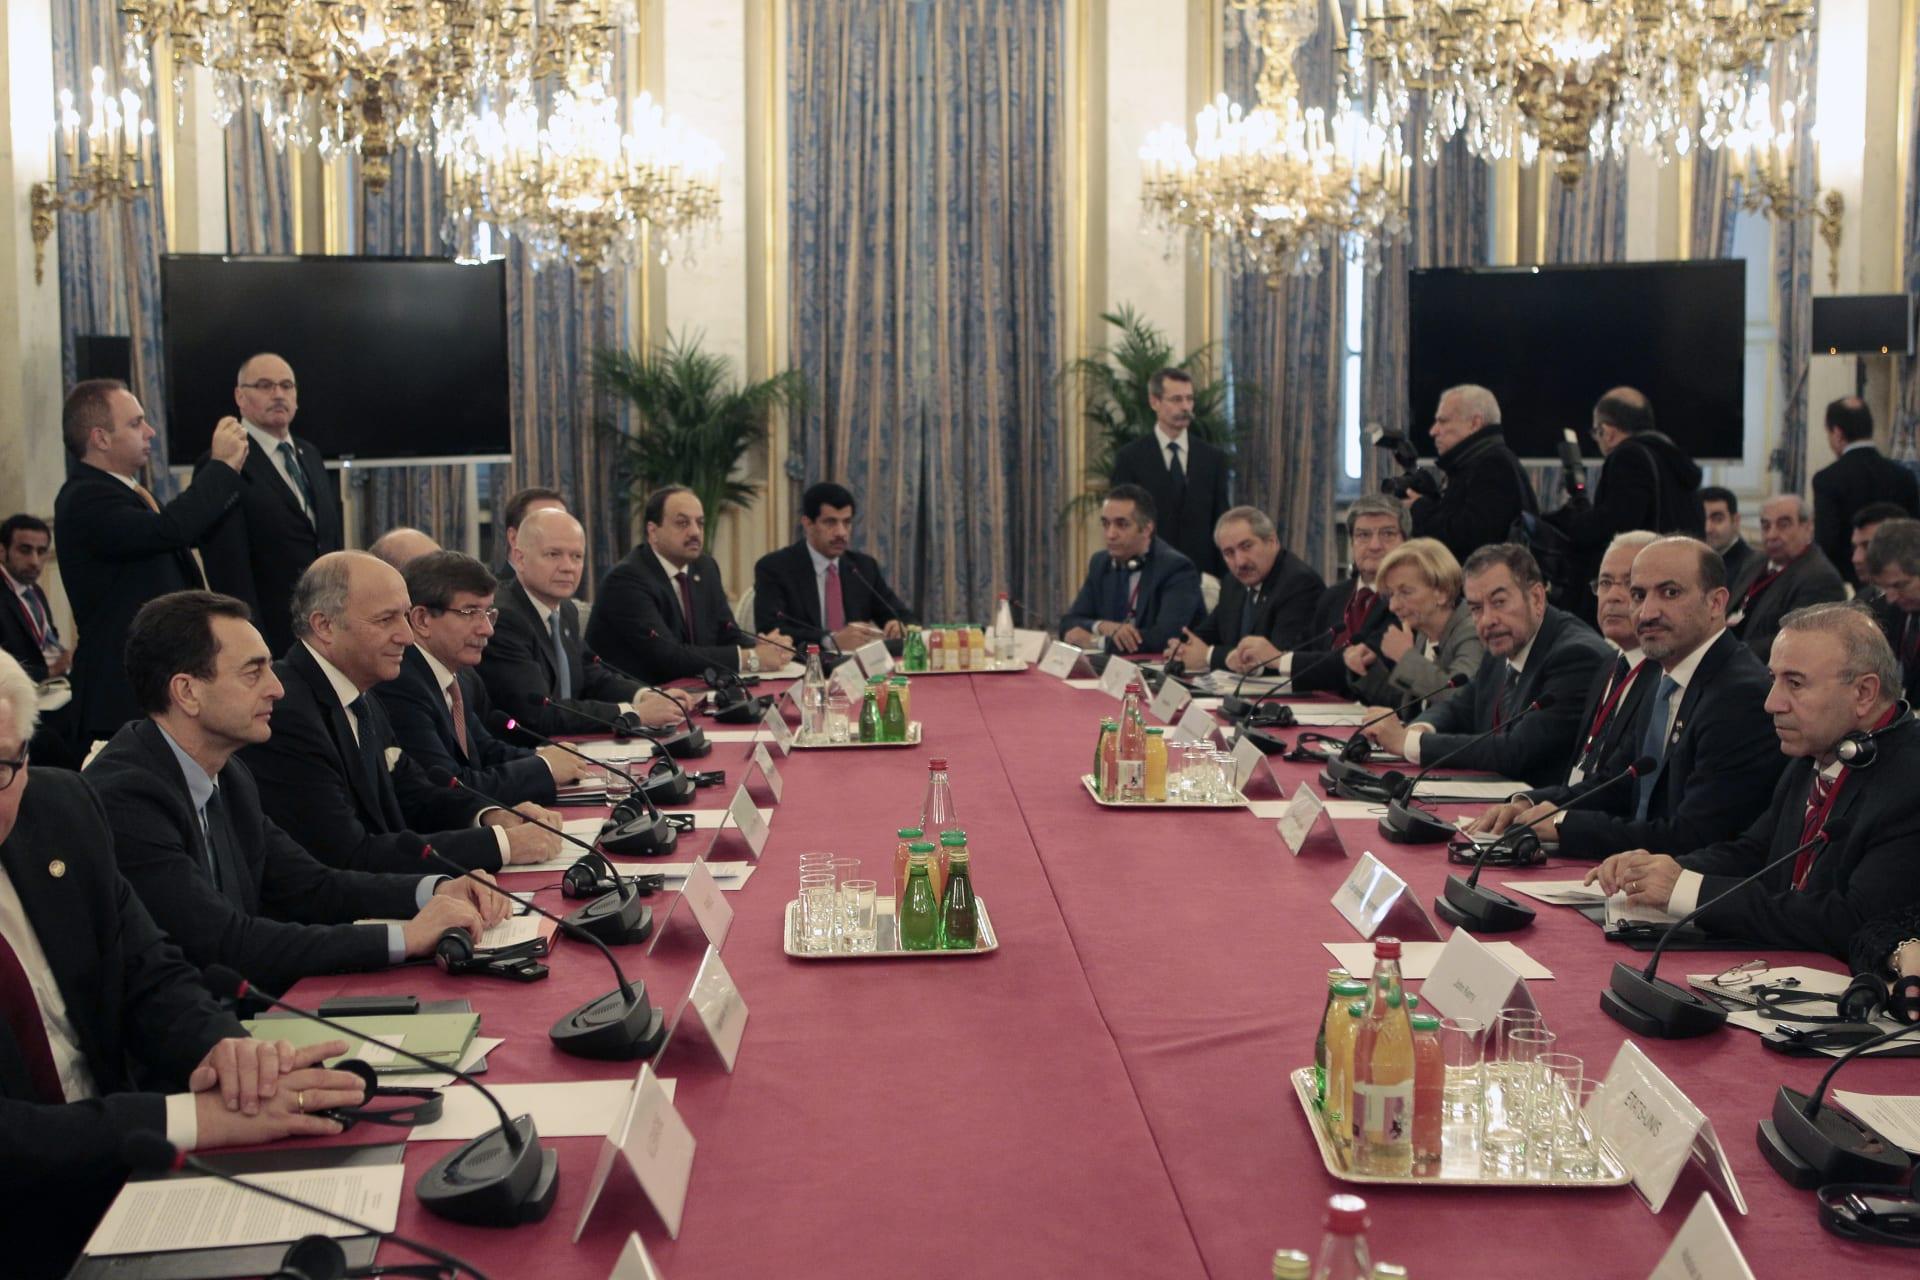 كيري: ليس هناك حل عسكري للأزمة السورية